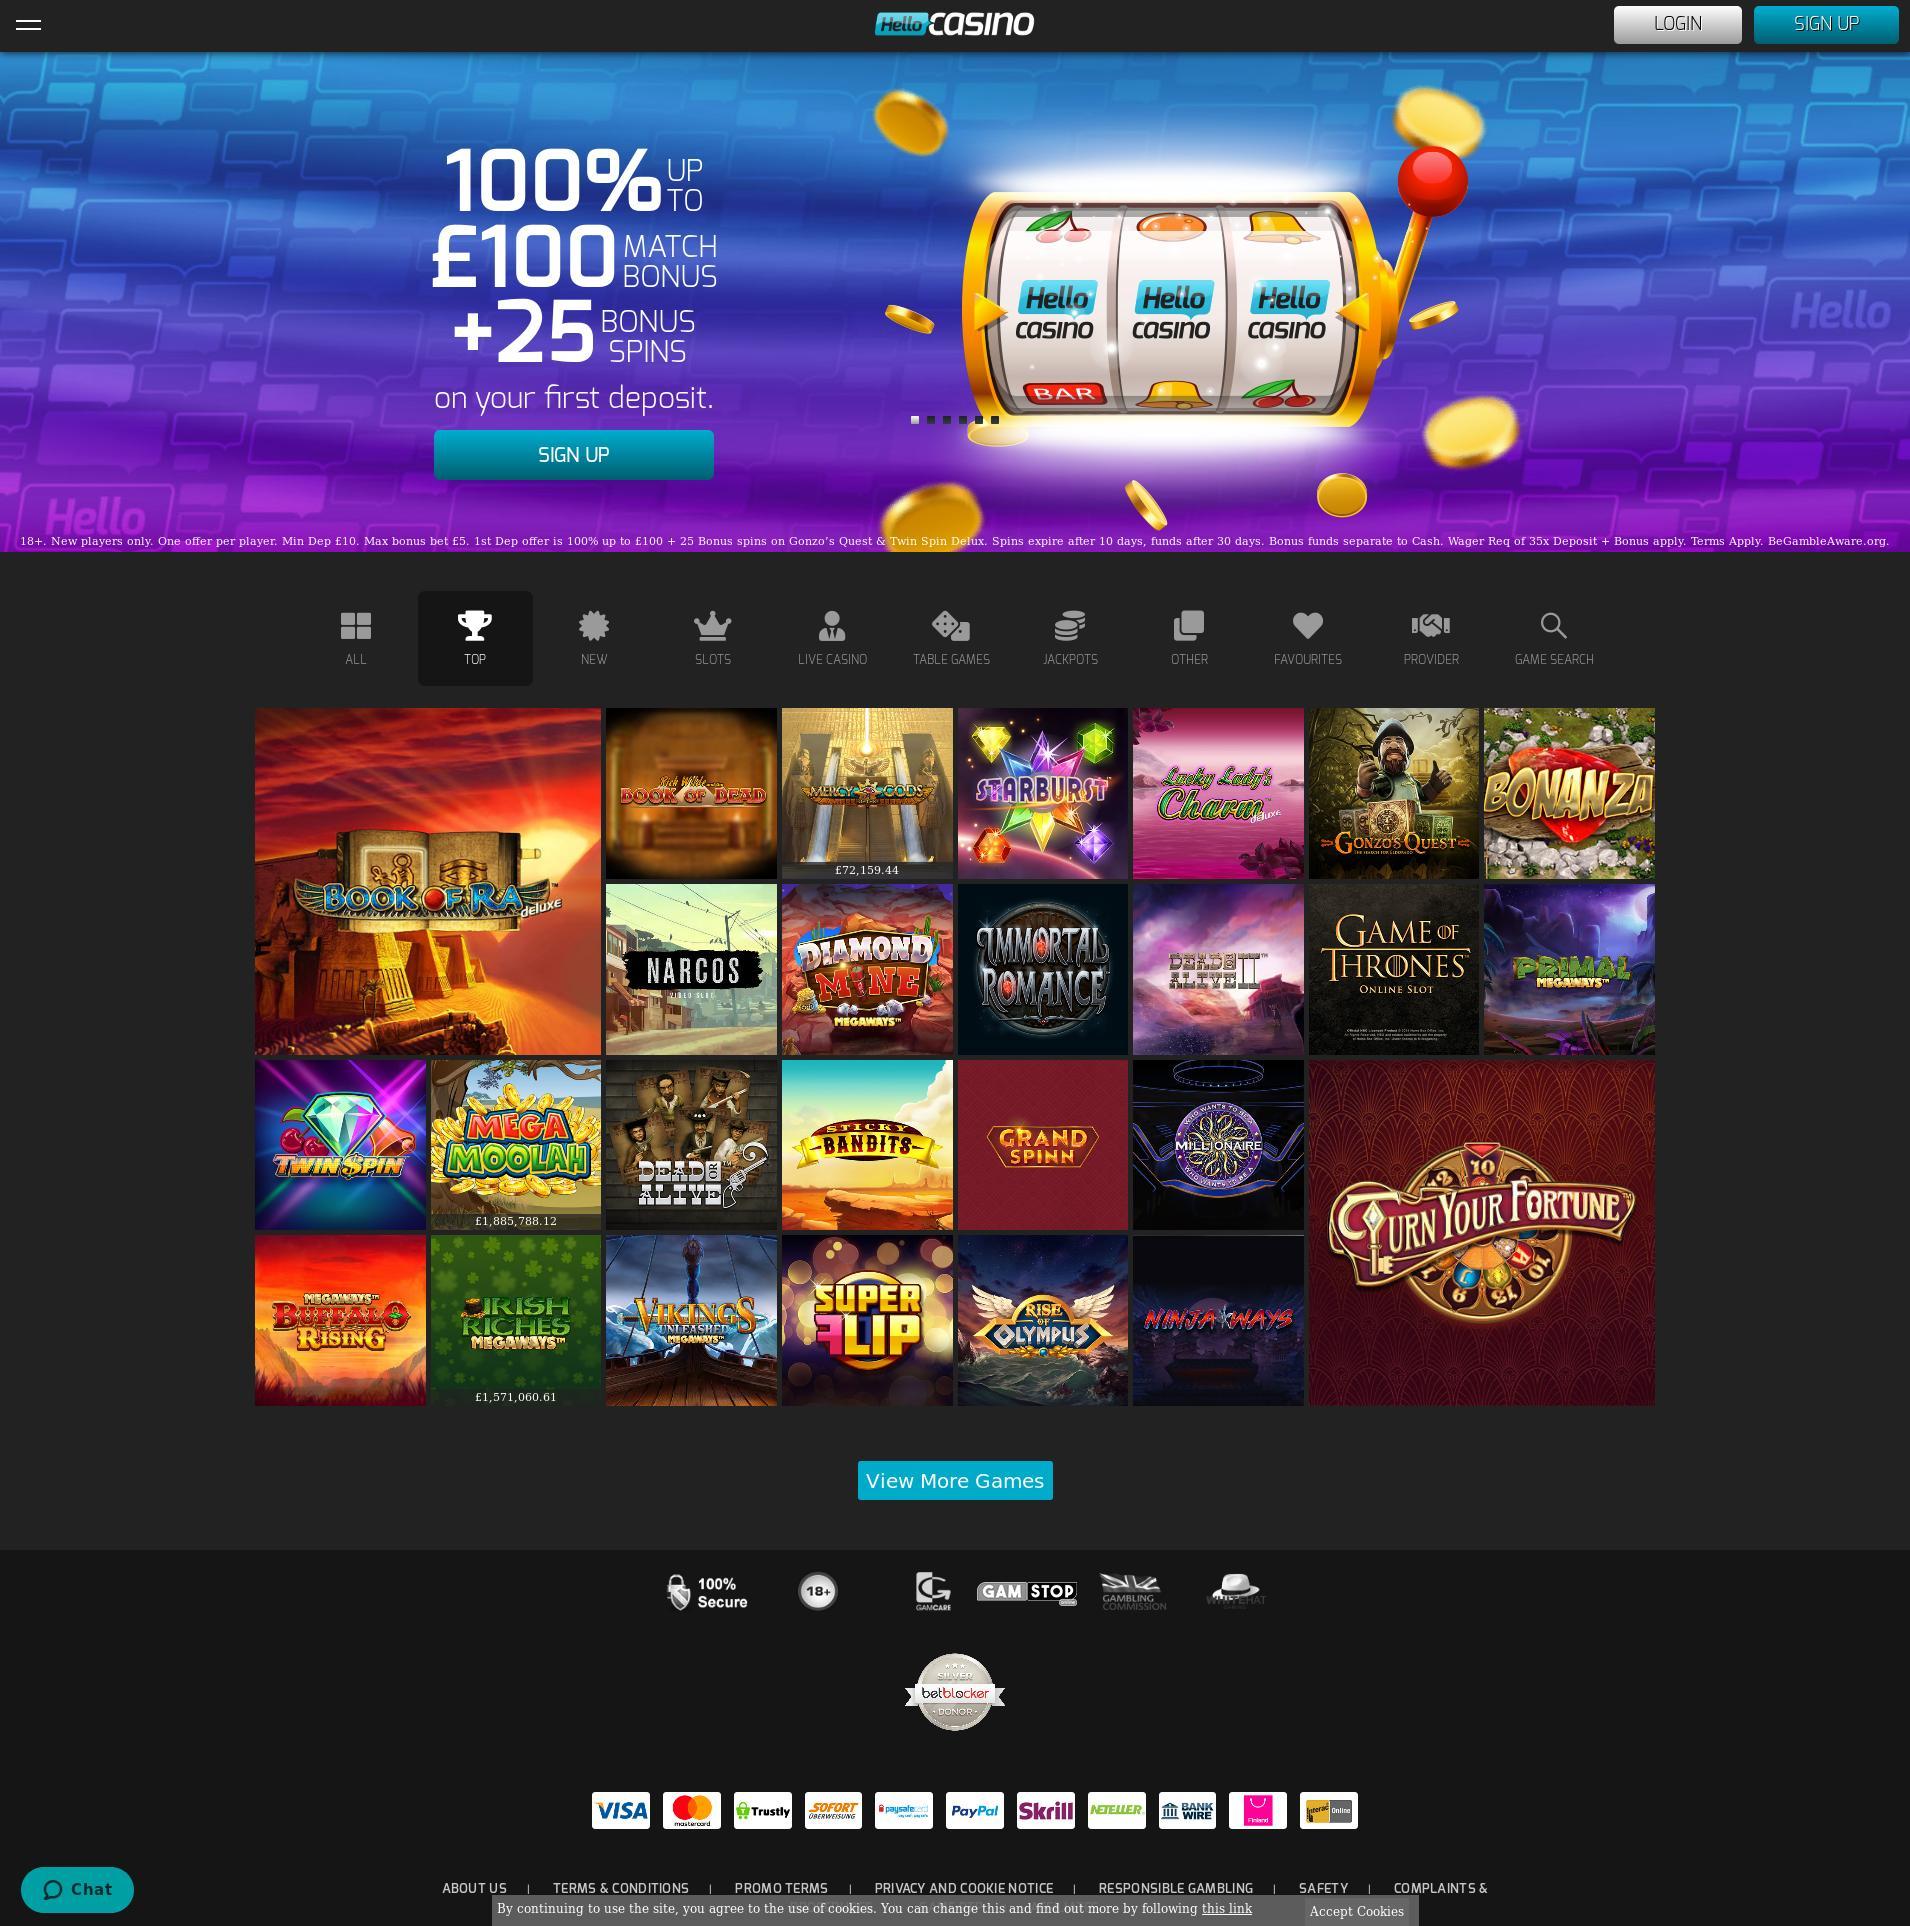 カジノのスクリーン Lobby 2020-05-27 ために イギリス